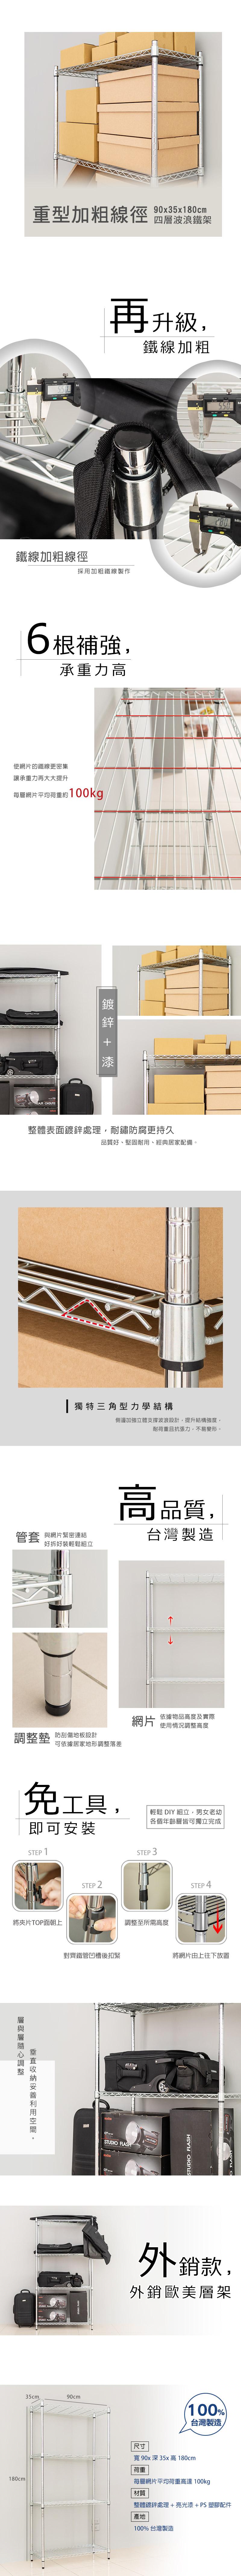 L9035-v2.jpg (800×8541)